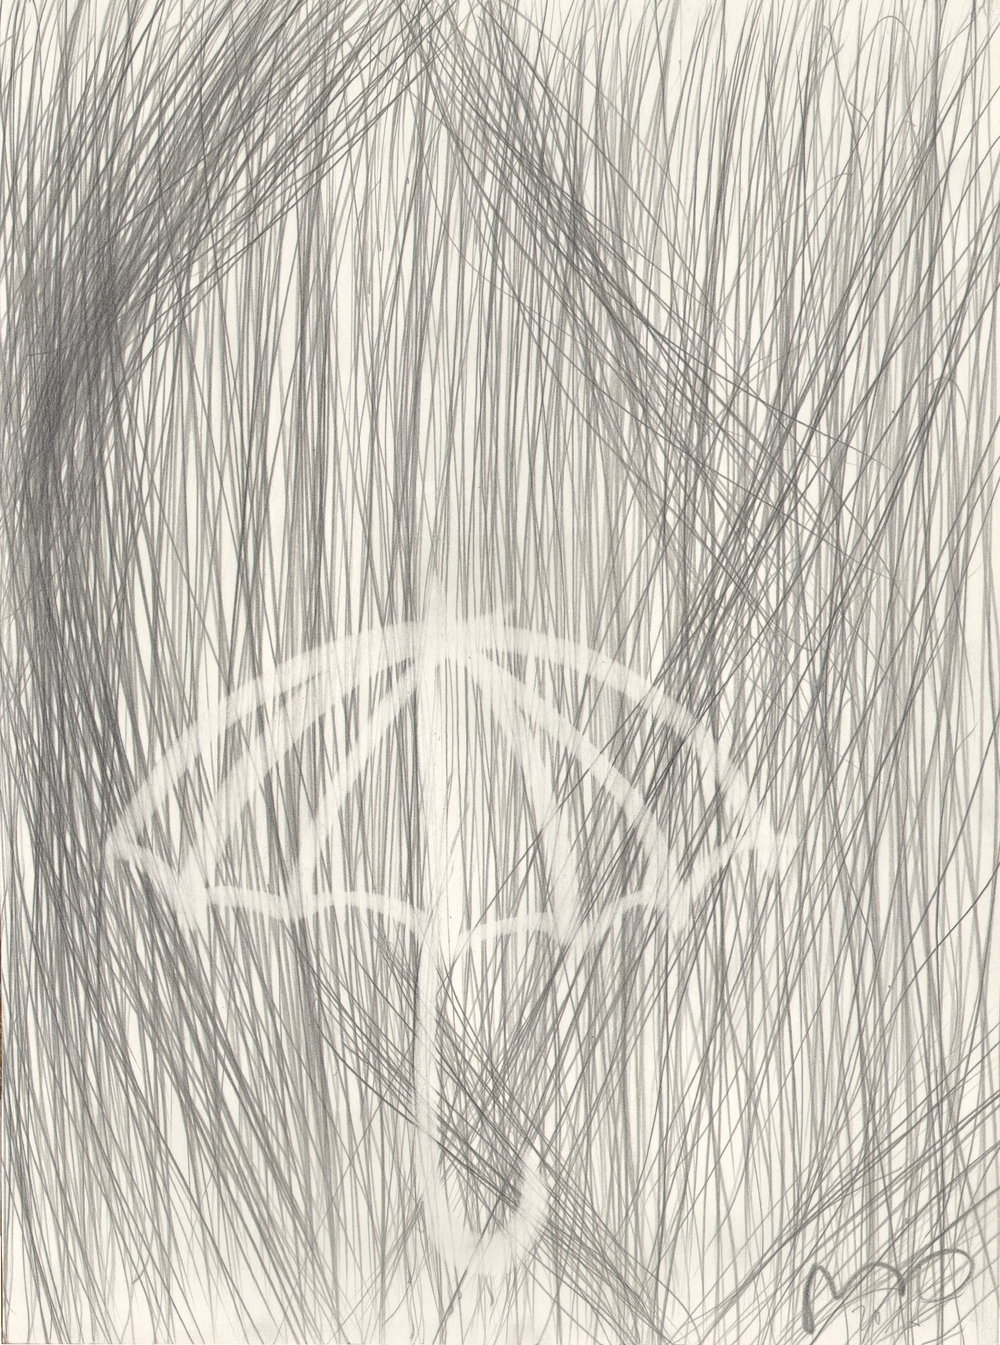 O.T. ( Abstraktion ), 2015  26x35.5cm, Bleistift auf Papier